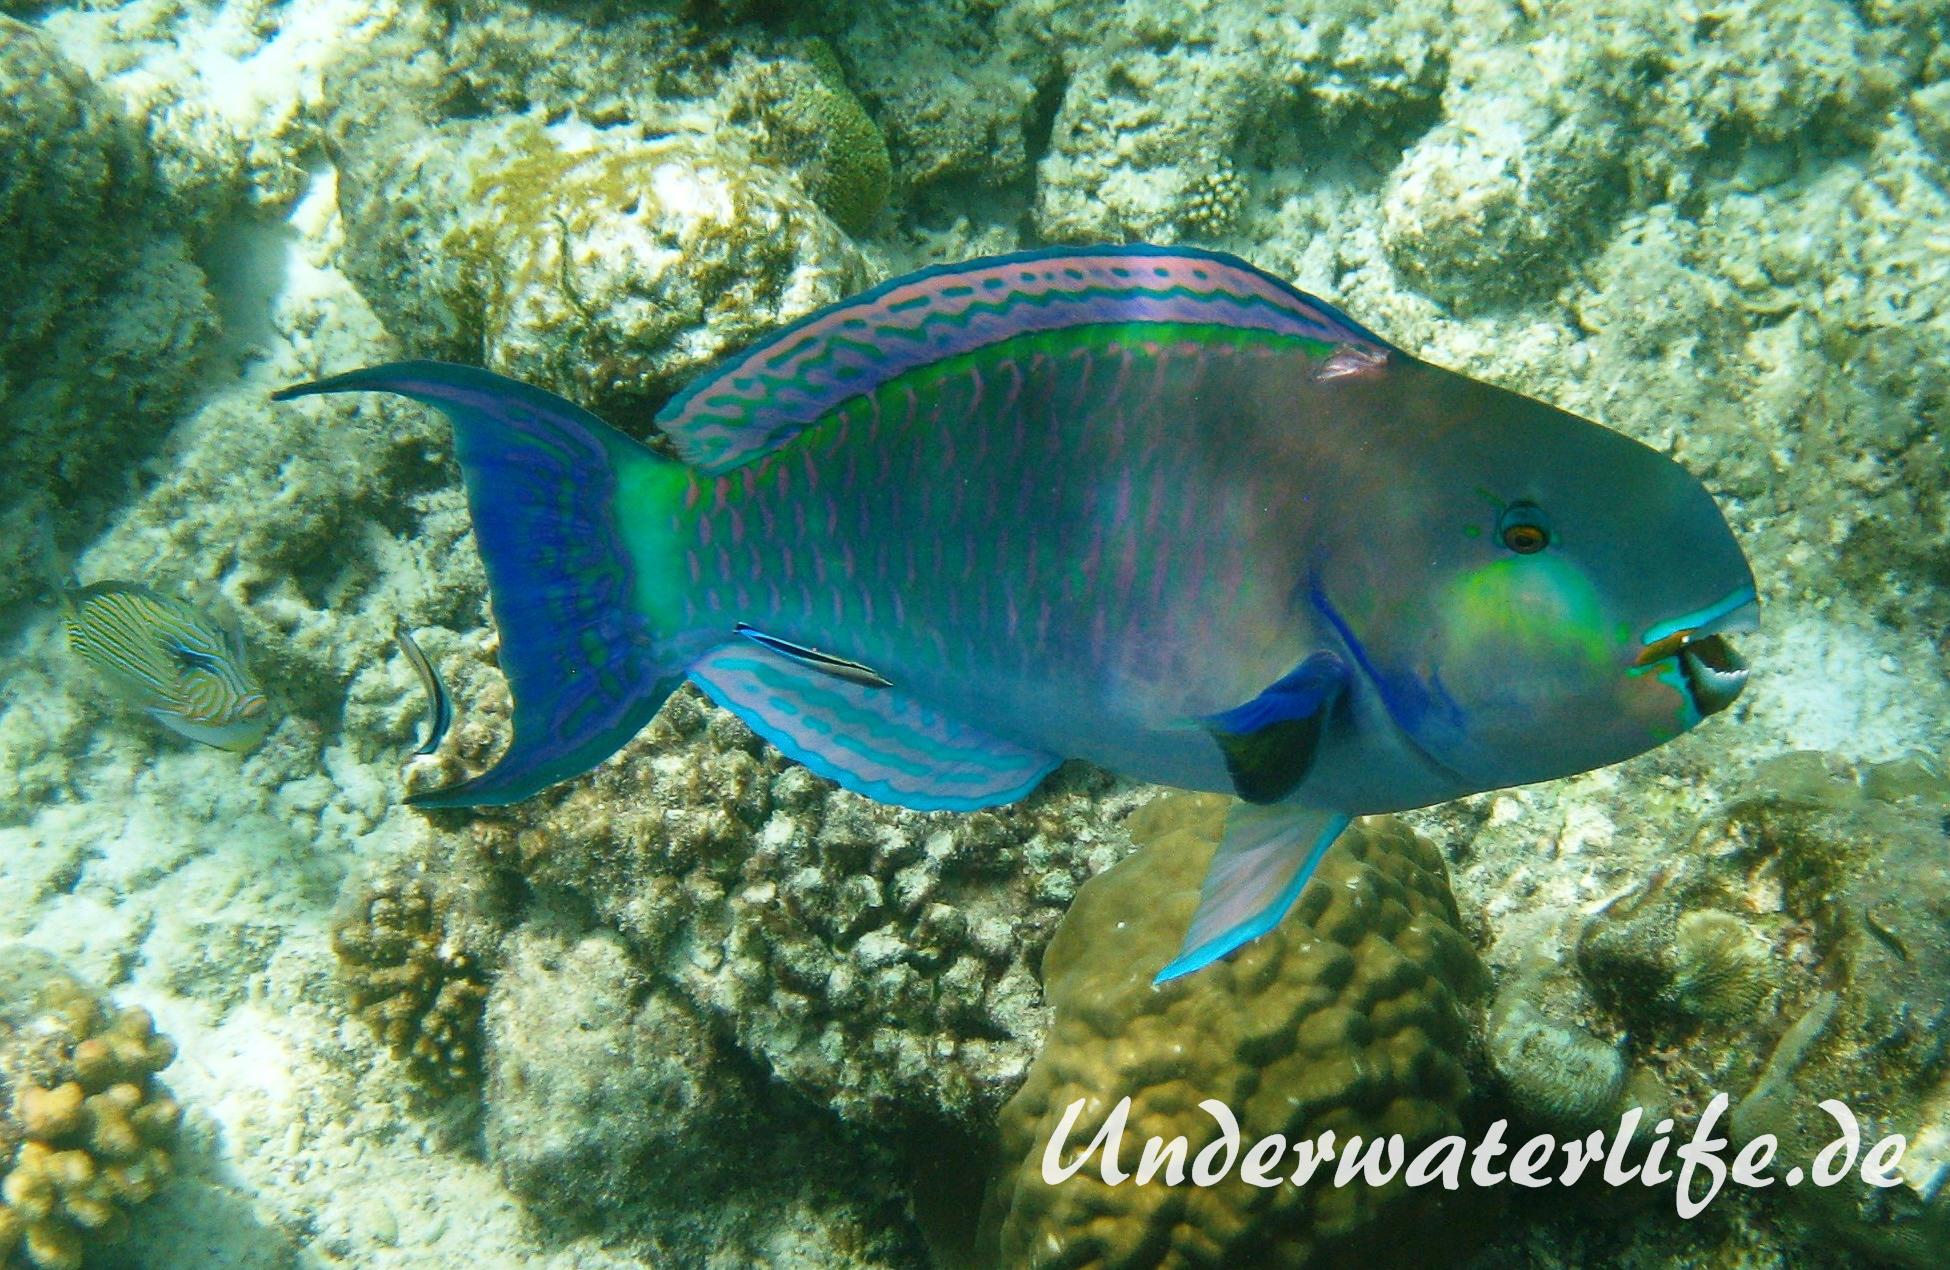 Indischer-Buckelkopfpapageifisch_adult-Maennchen-Malediven-2013-011